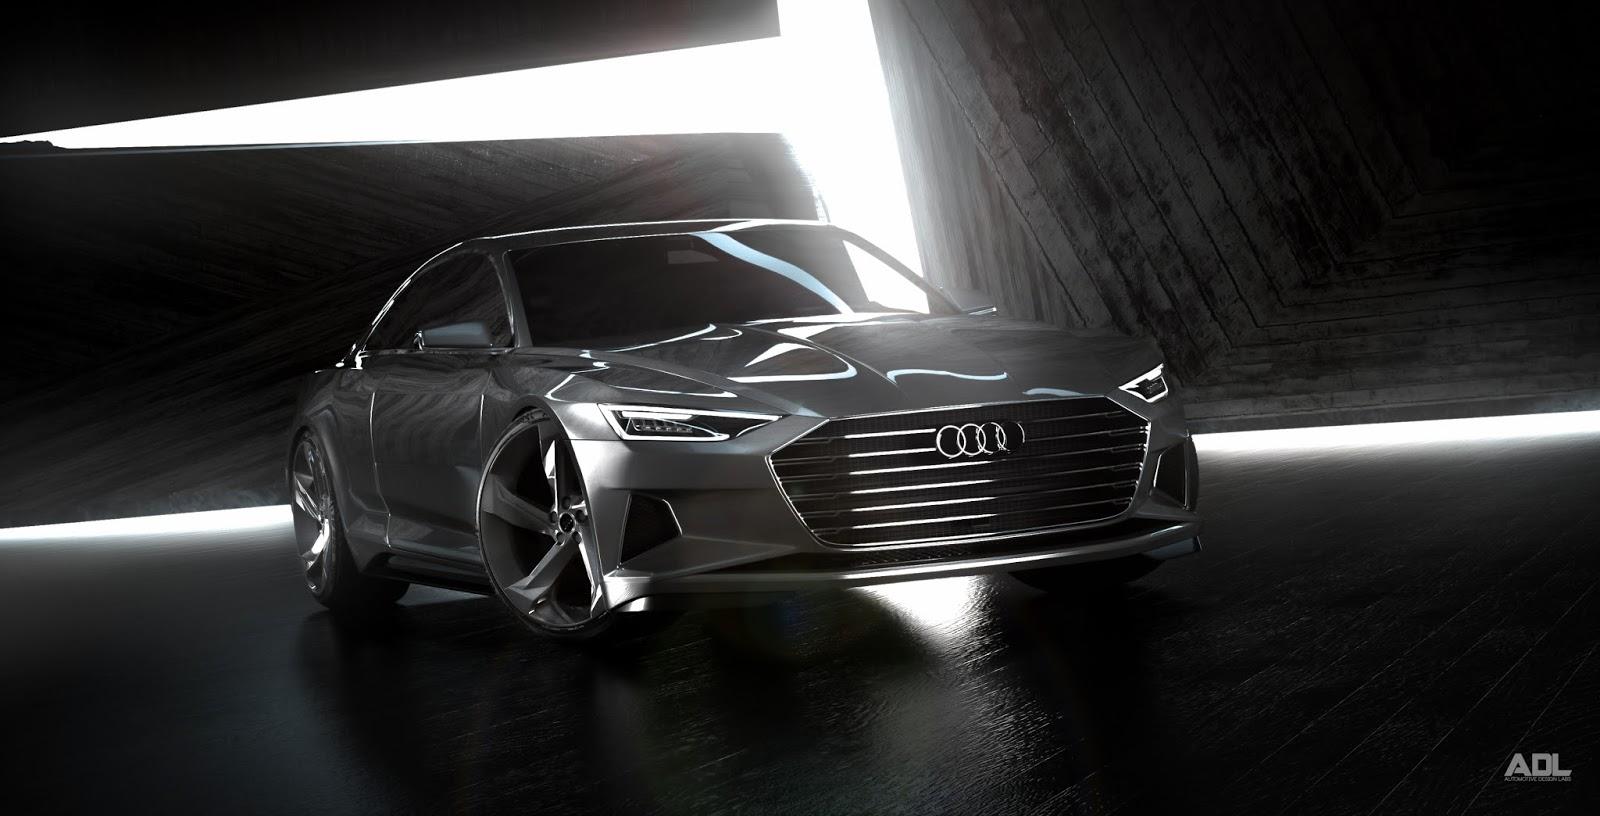 Creating Car Led Lights In Keyshot